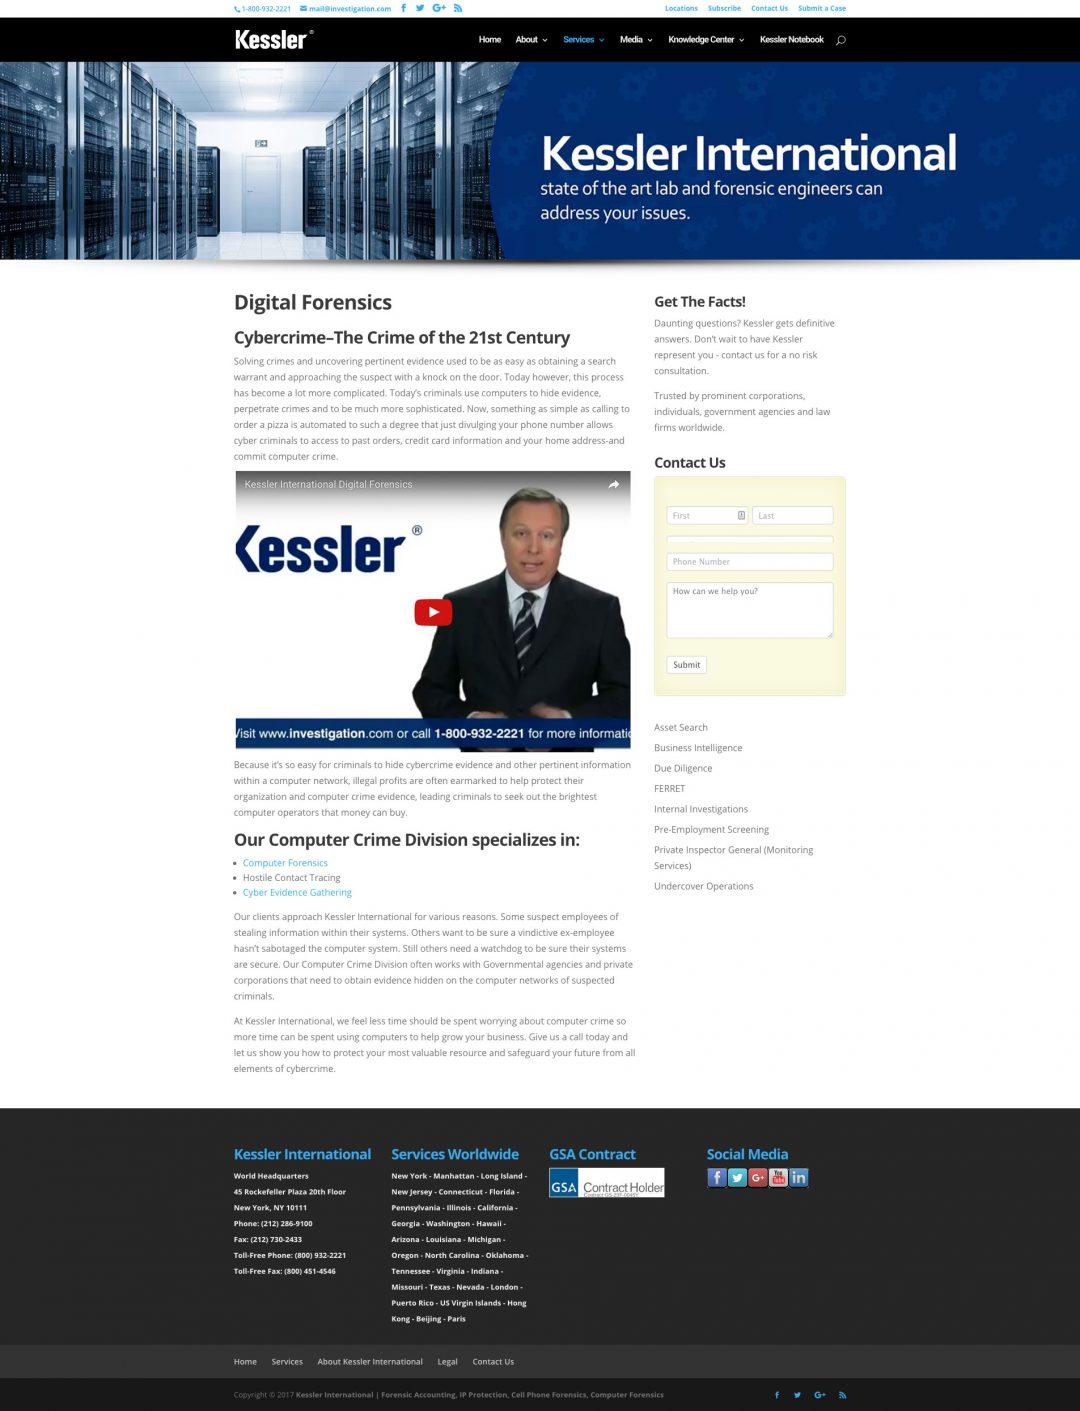 Kessler International